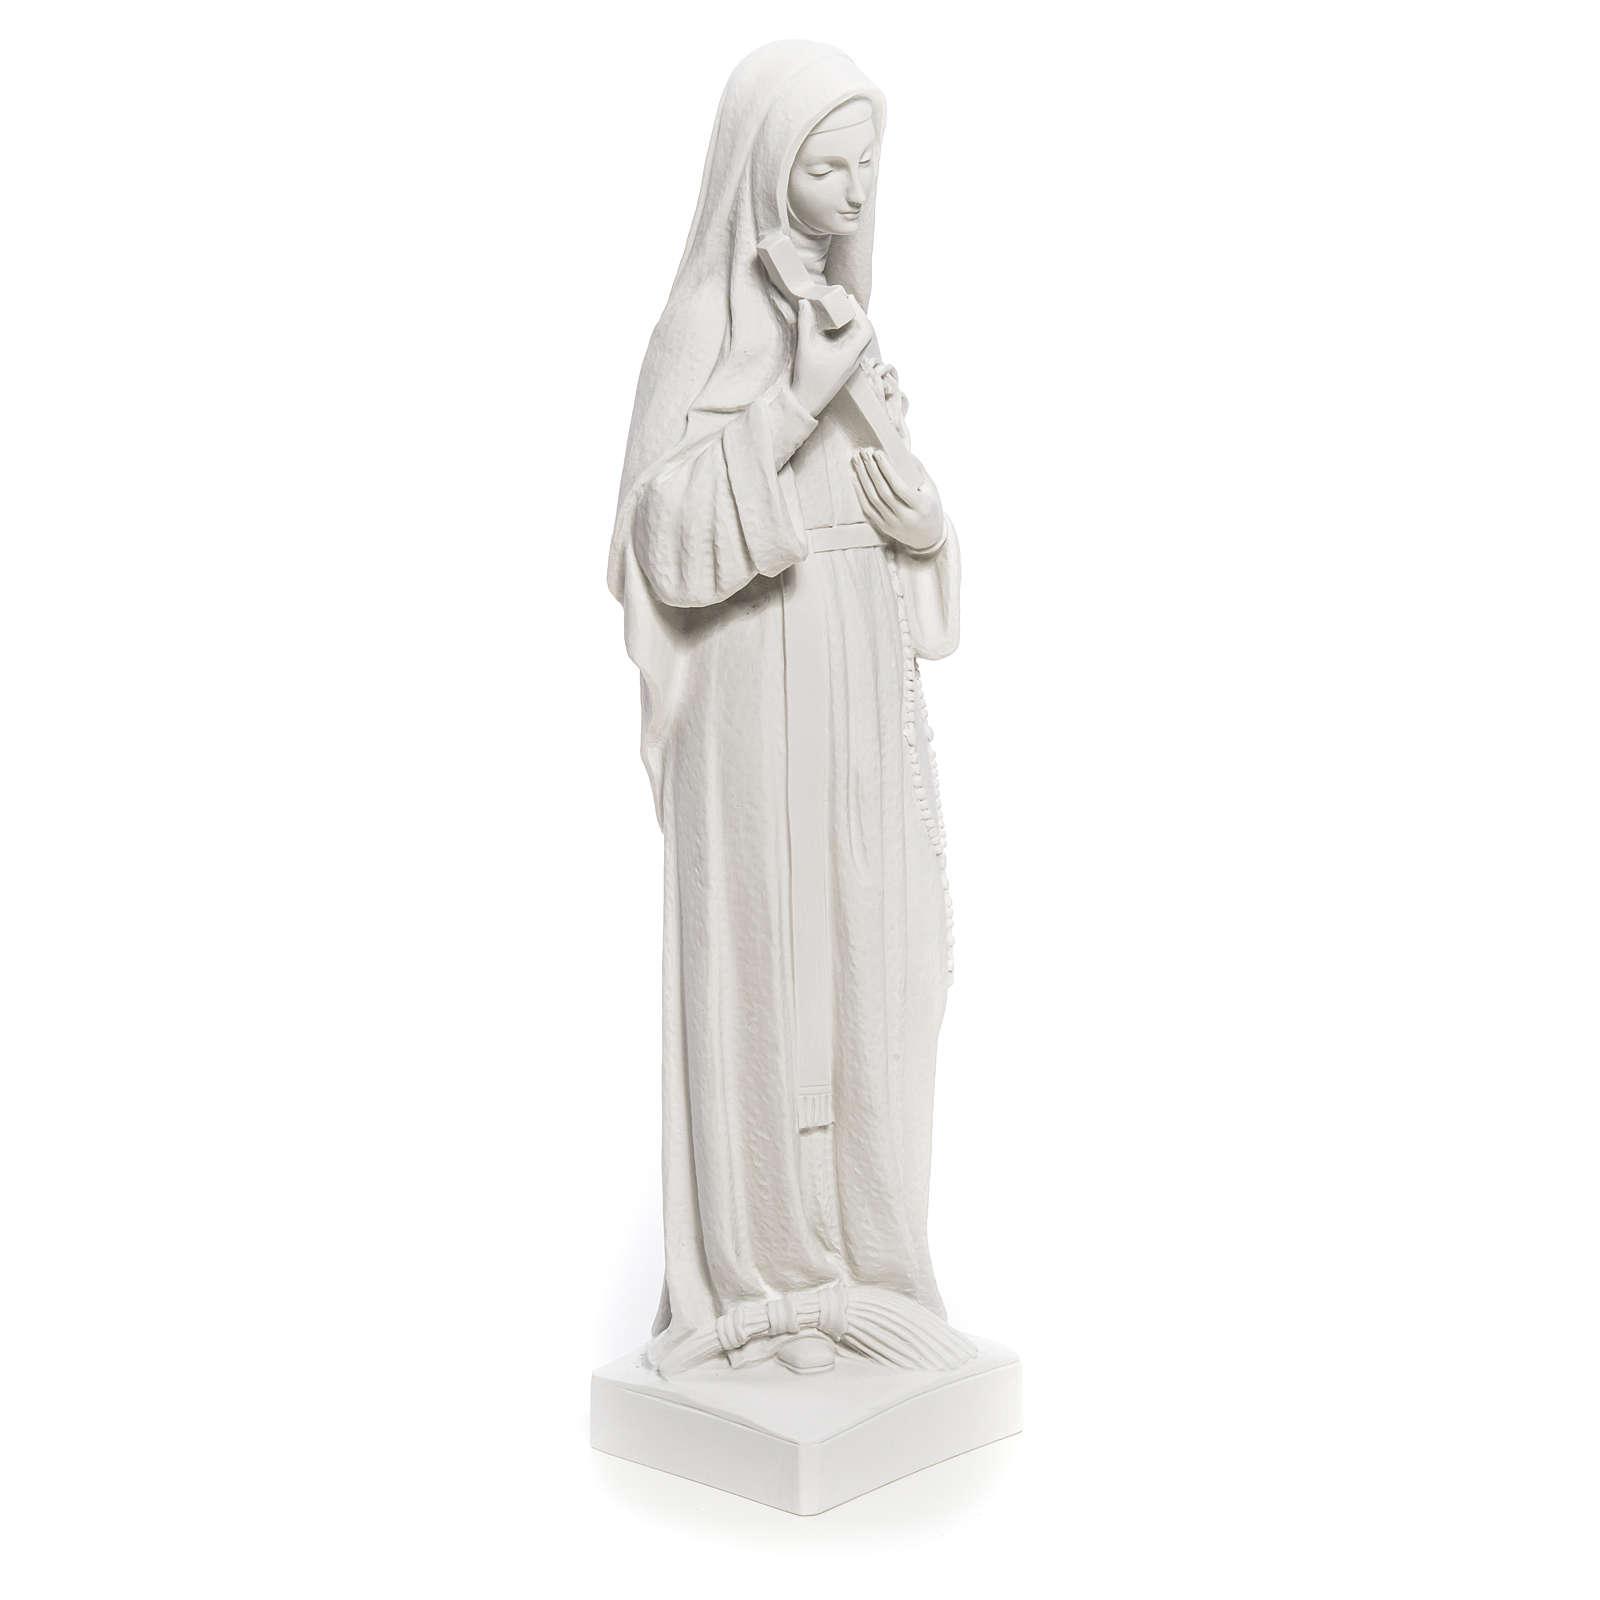 Estatua Santa Rita polvo de mármol blanco 62 cm 4